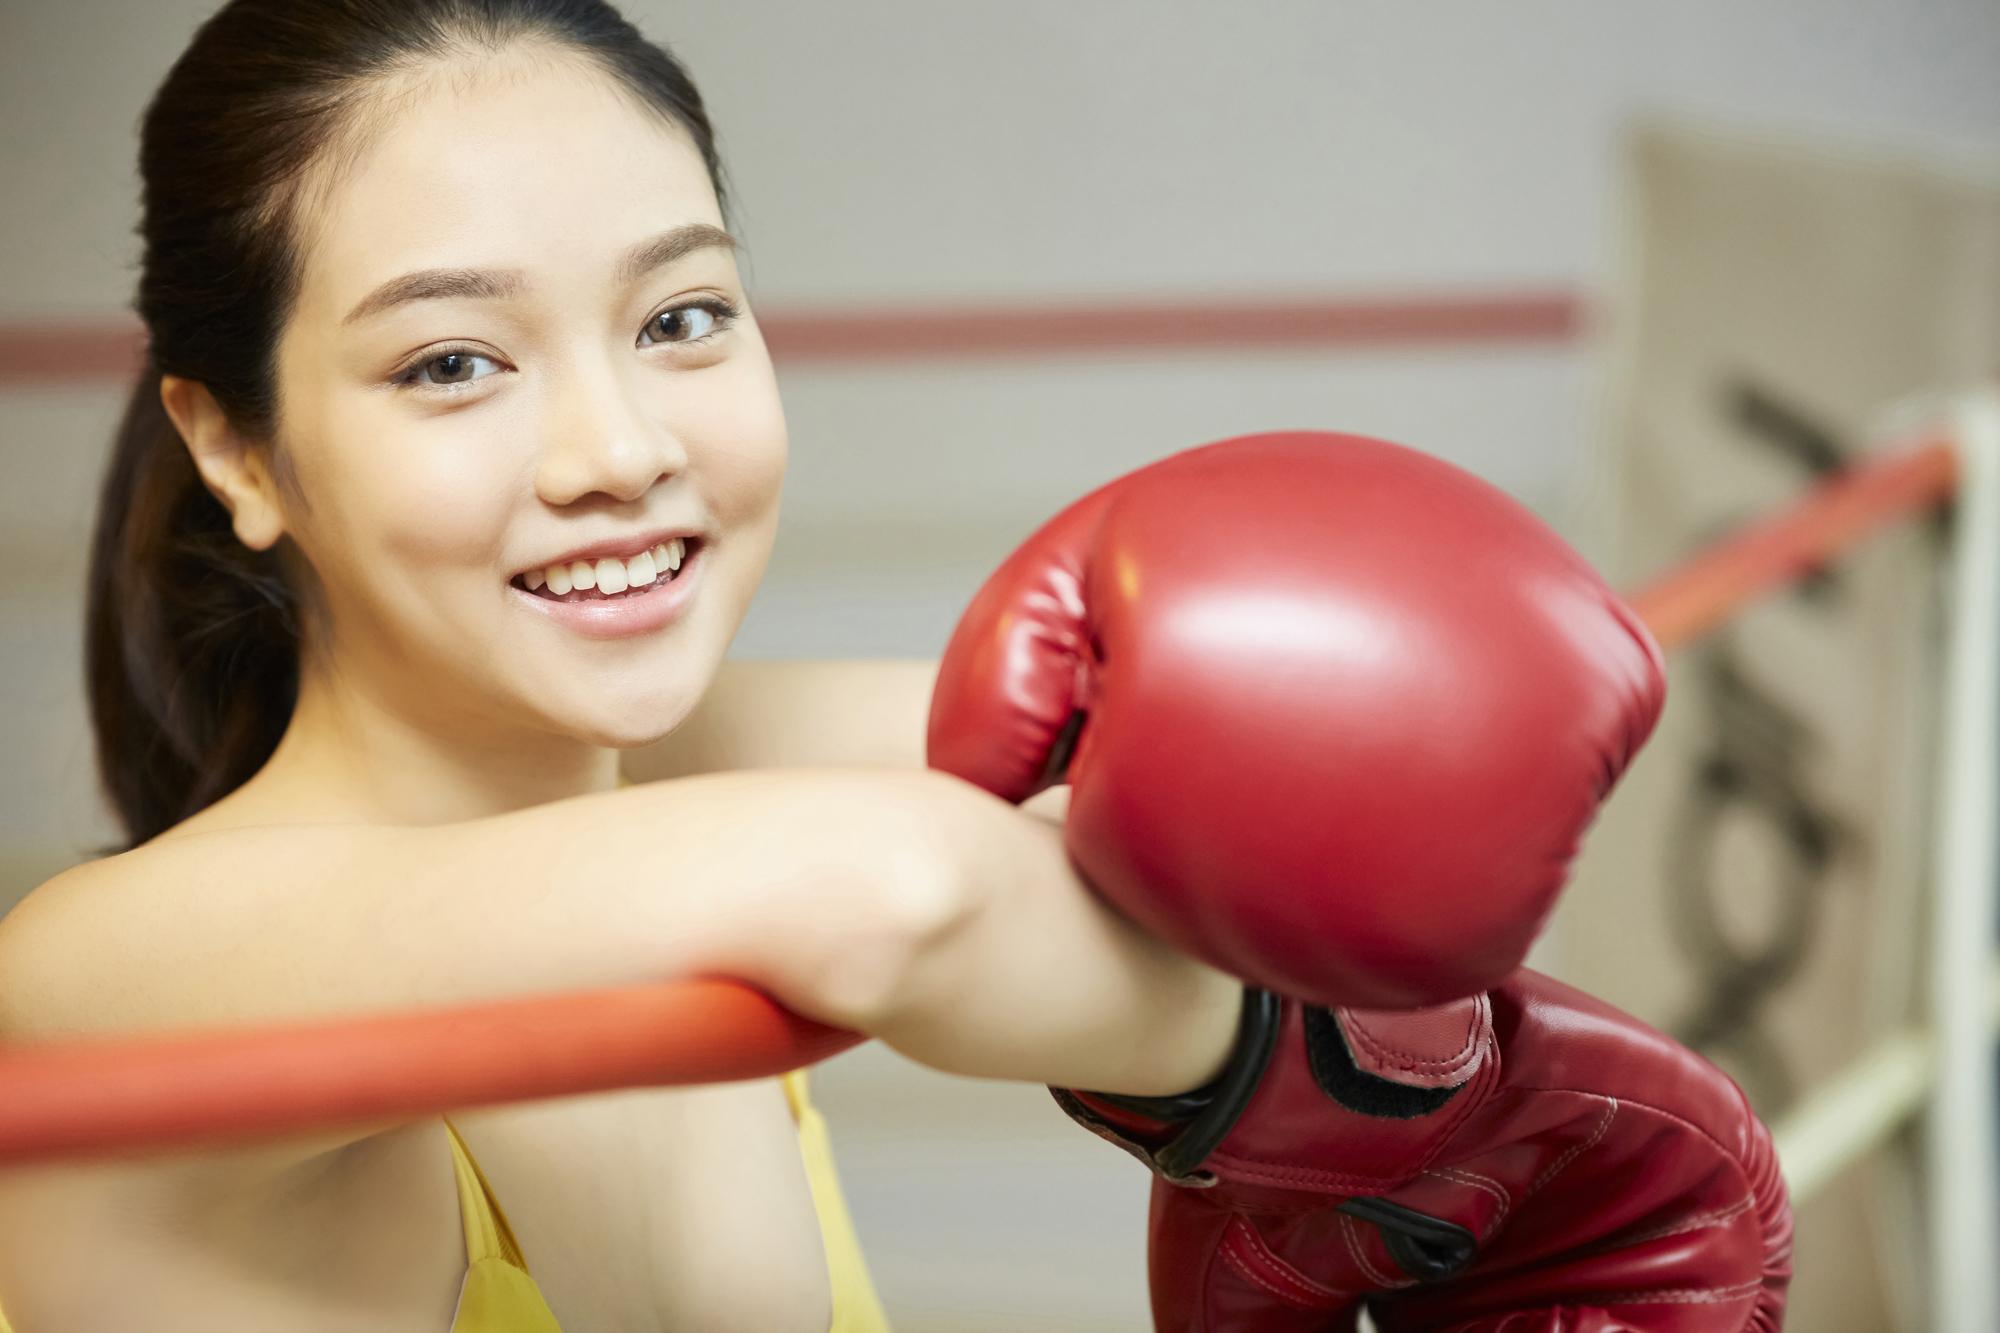 キックボクシング×マインドフルネスの魅力